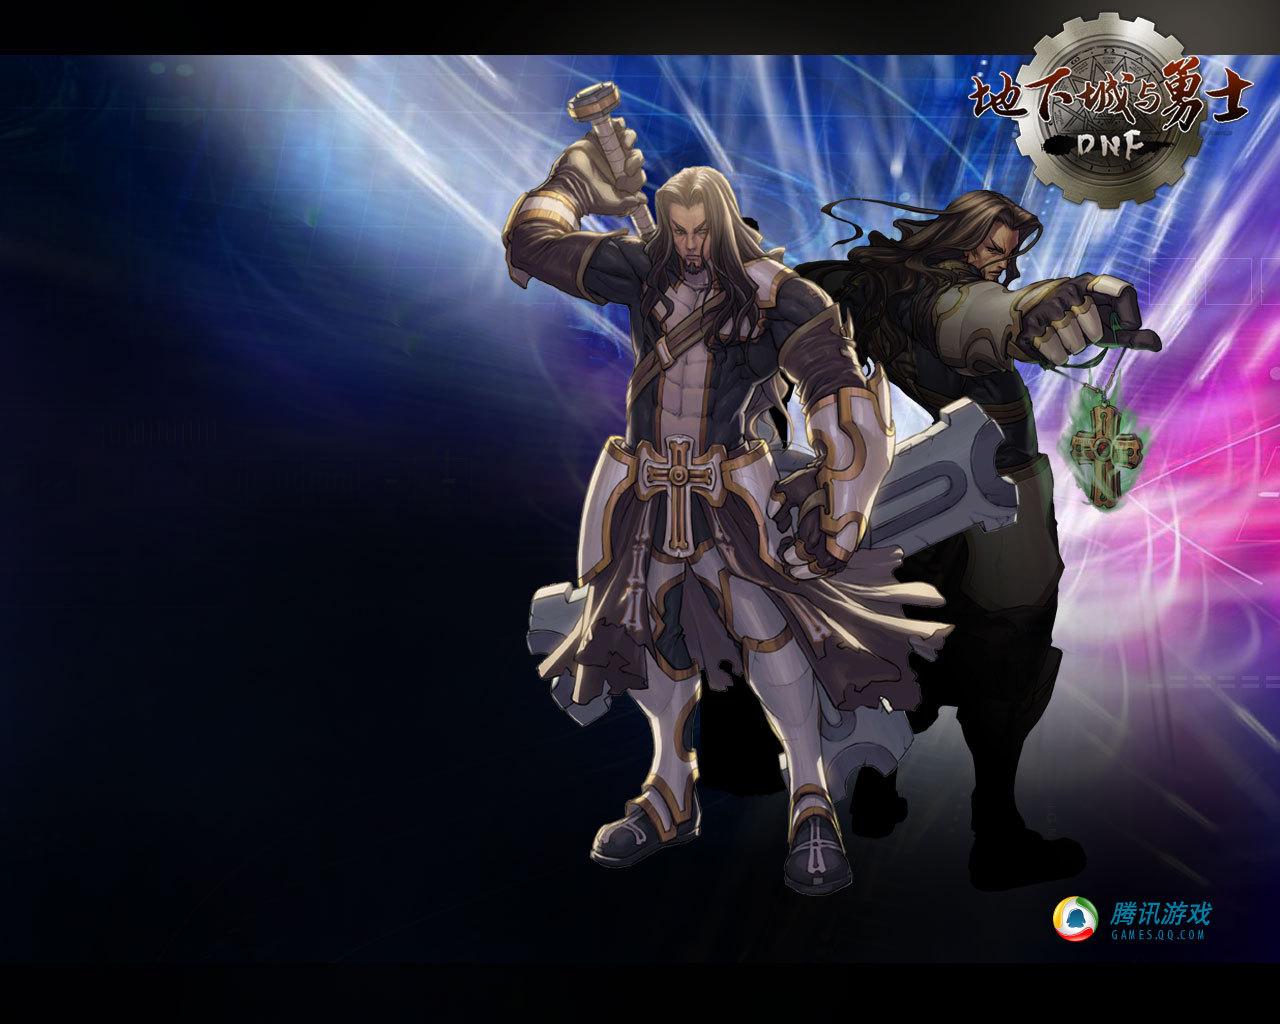 地下城与勇士(dnf) - 游戏图片